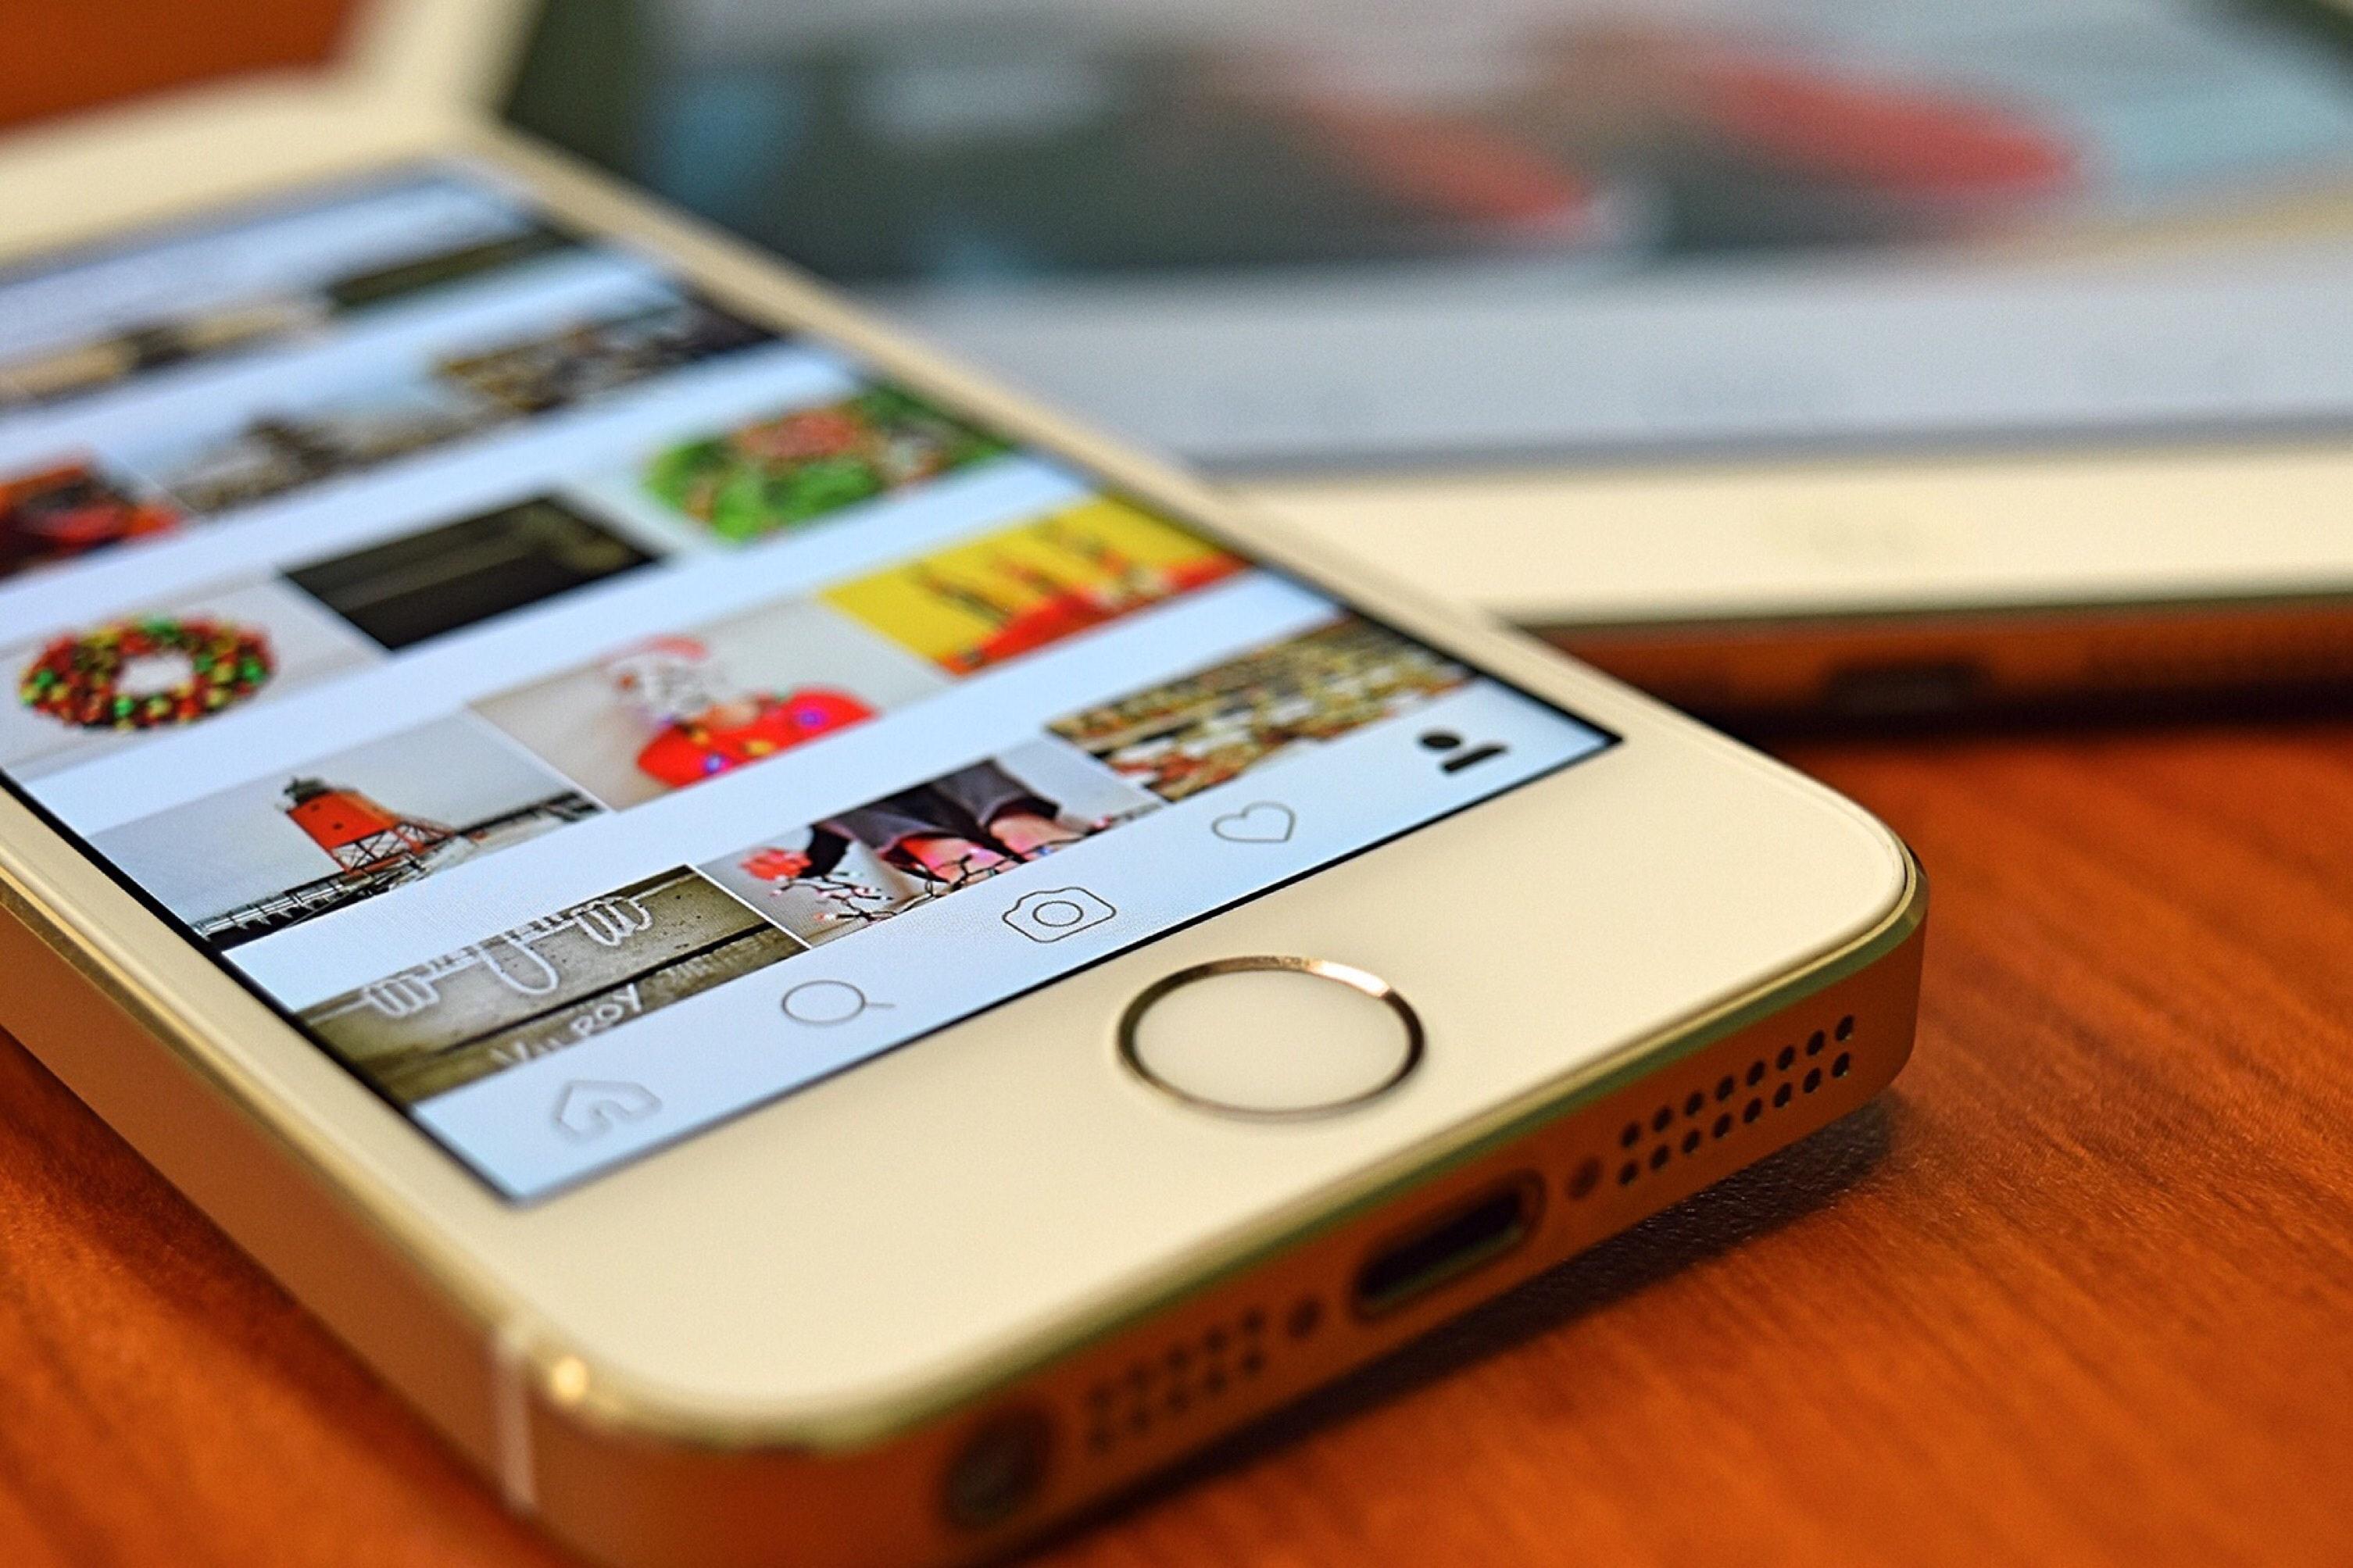 instagram photos download iphone